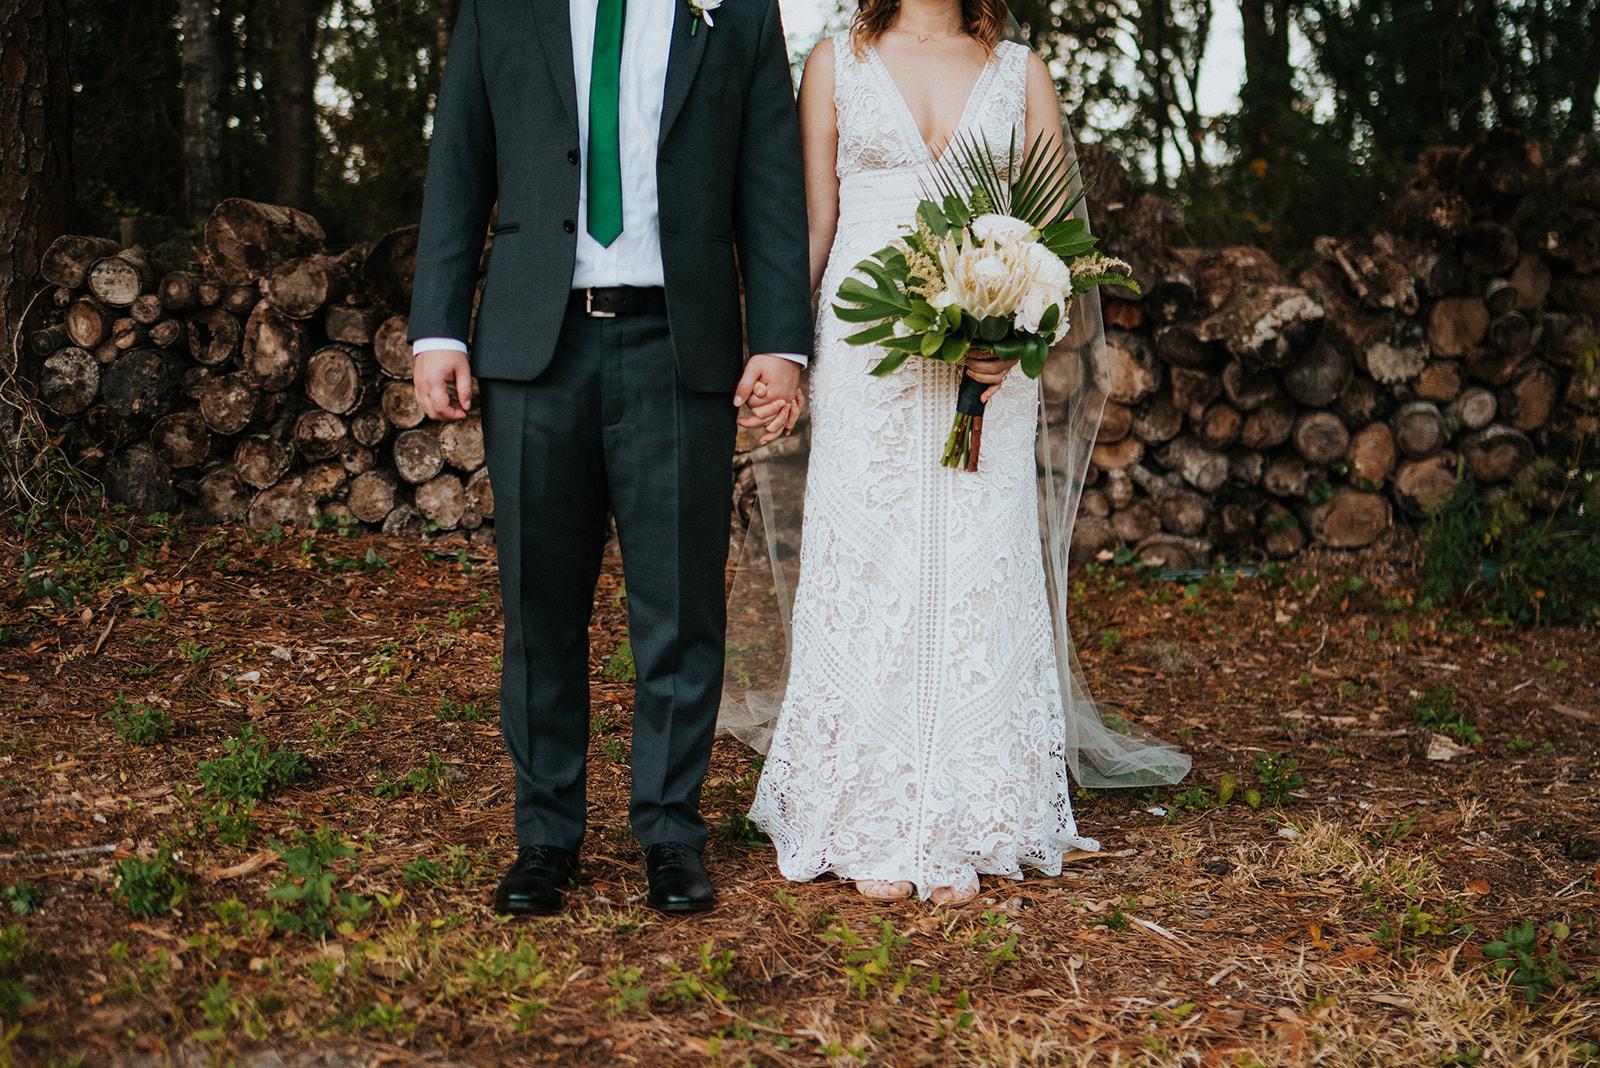 themulberrynewsmyrnafloridawedding_0819.jpg